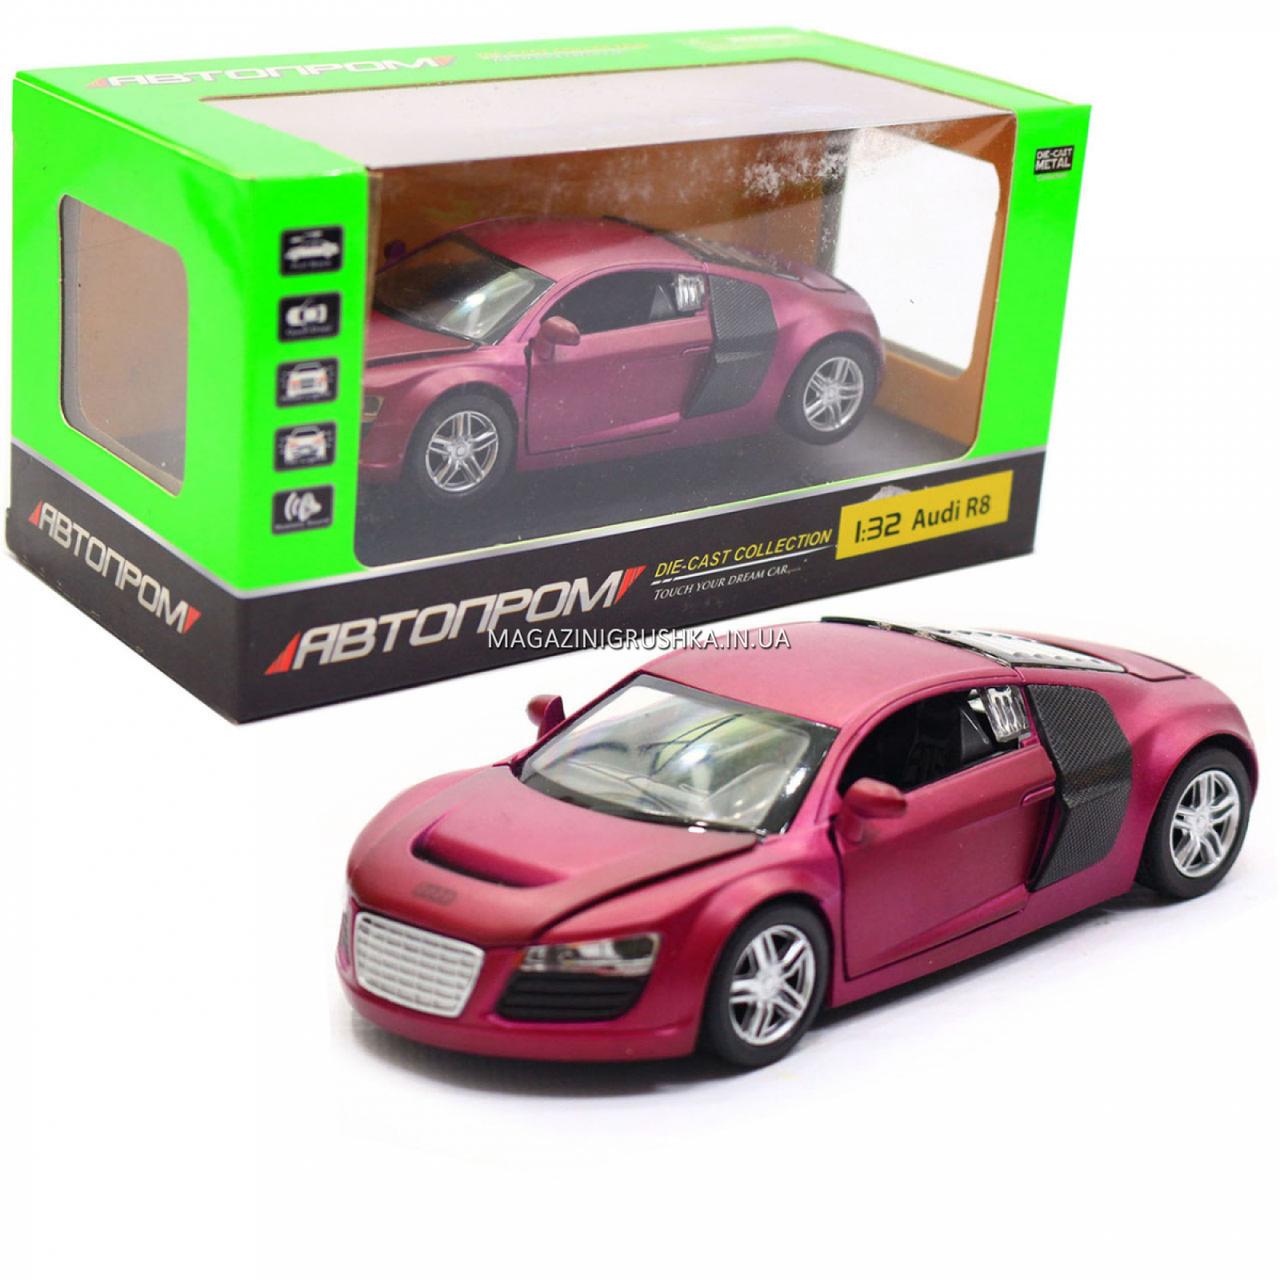 Машинка ігрова автопром «Audi R8» метал, 13 см, фіолетовий, світло, звук, двері відкриваються (3201D)